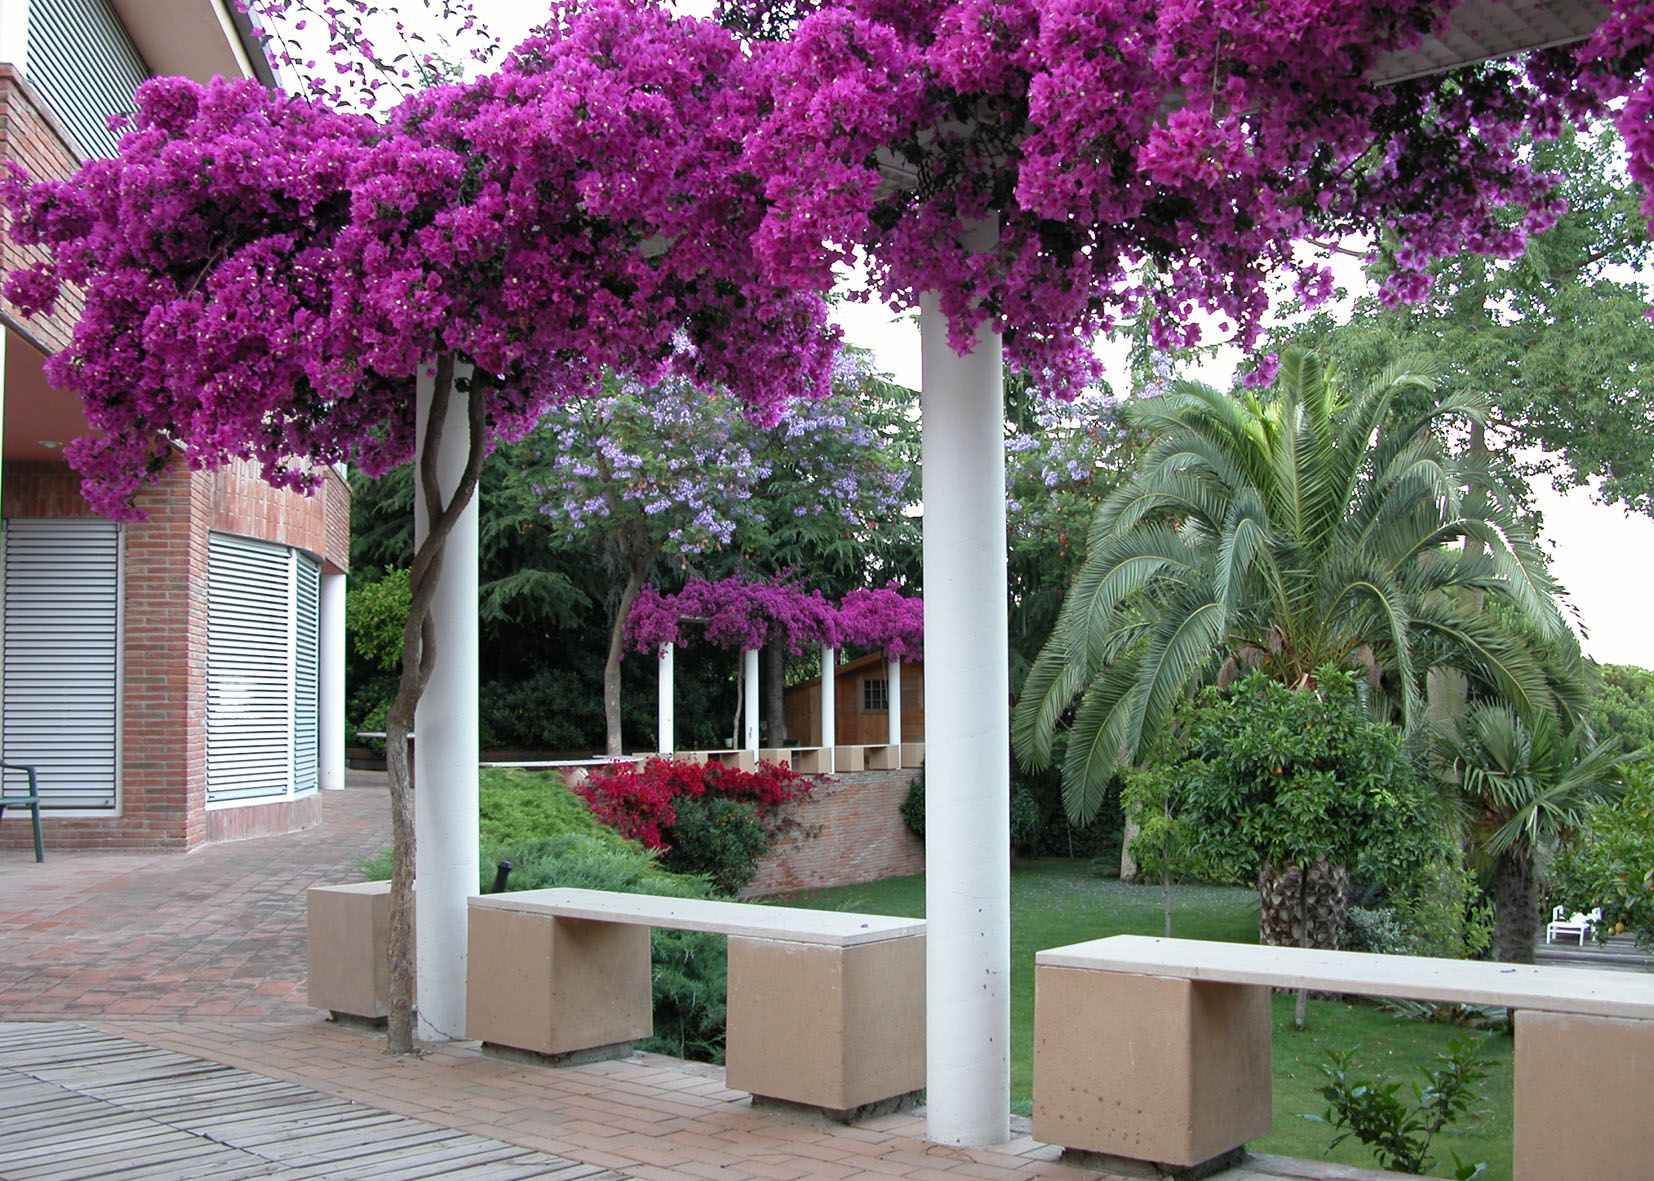 Ideas de casas de jardin estilo mediterraneo dise ado for Jardines con estilo